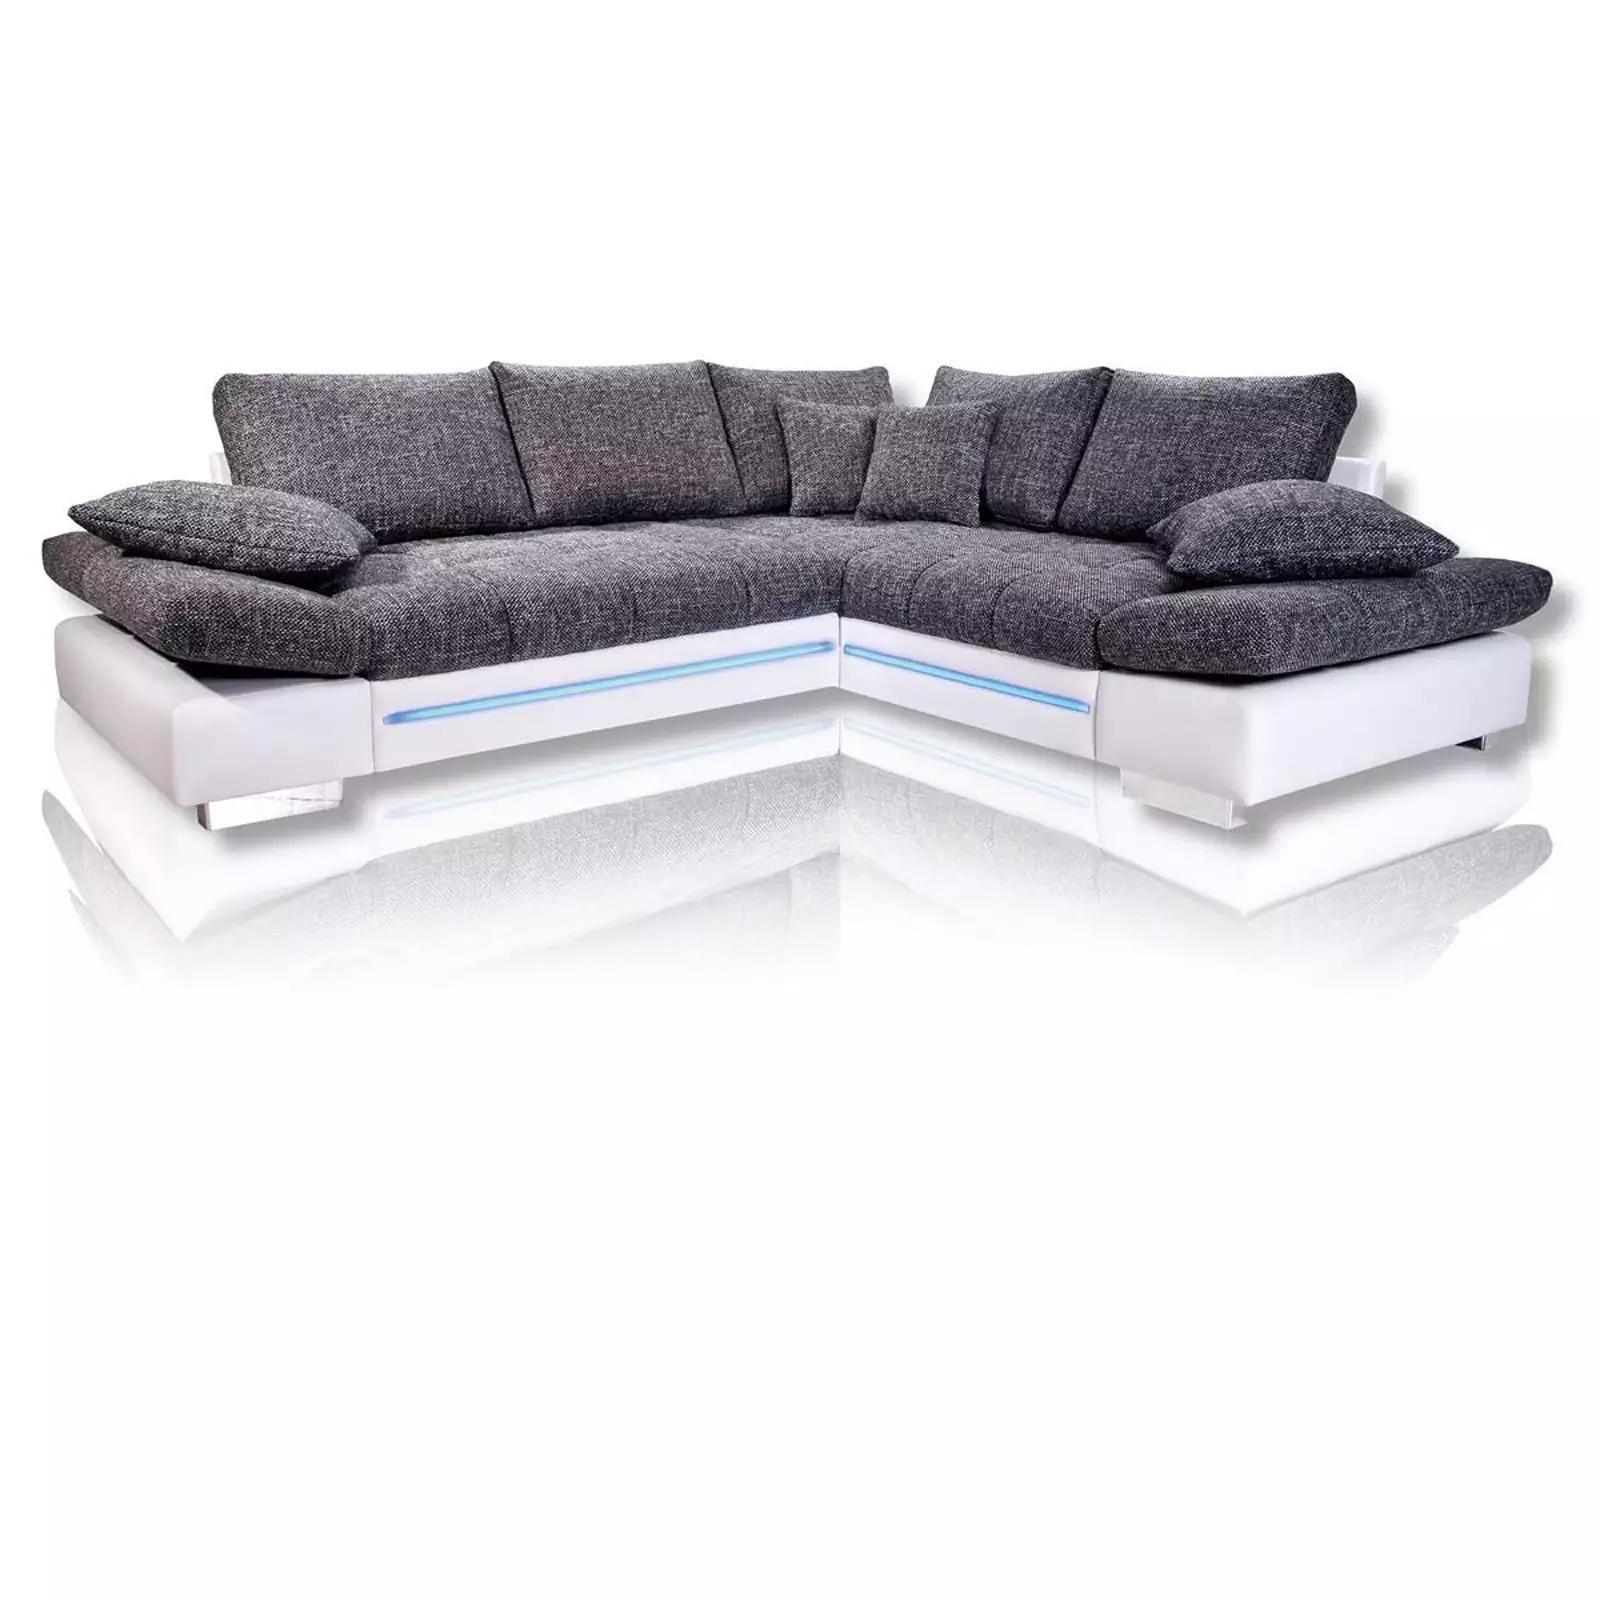 40% sparen - Ecksofa weiß-silber mit LED von ROLLER - nur ...